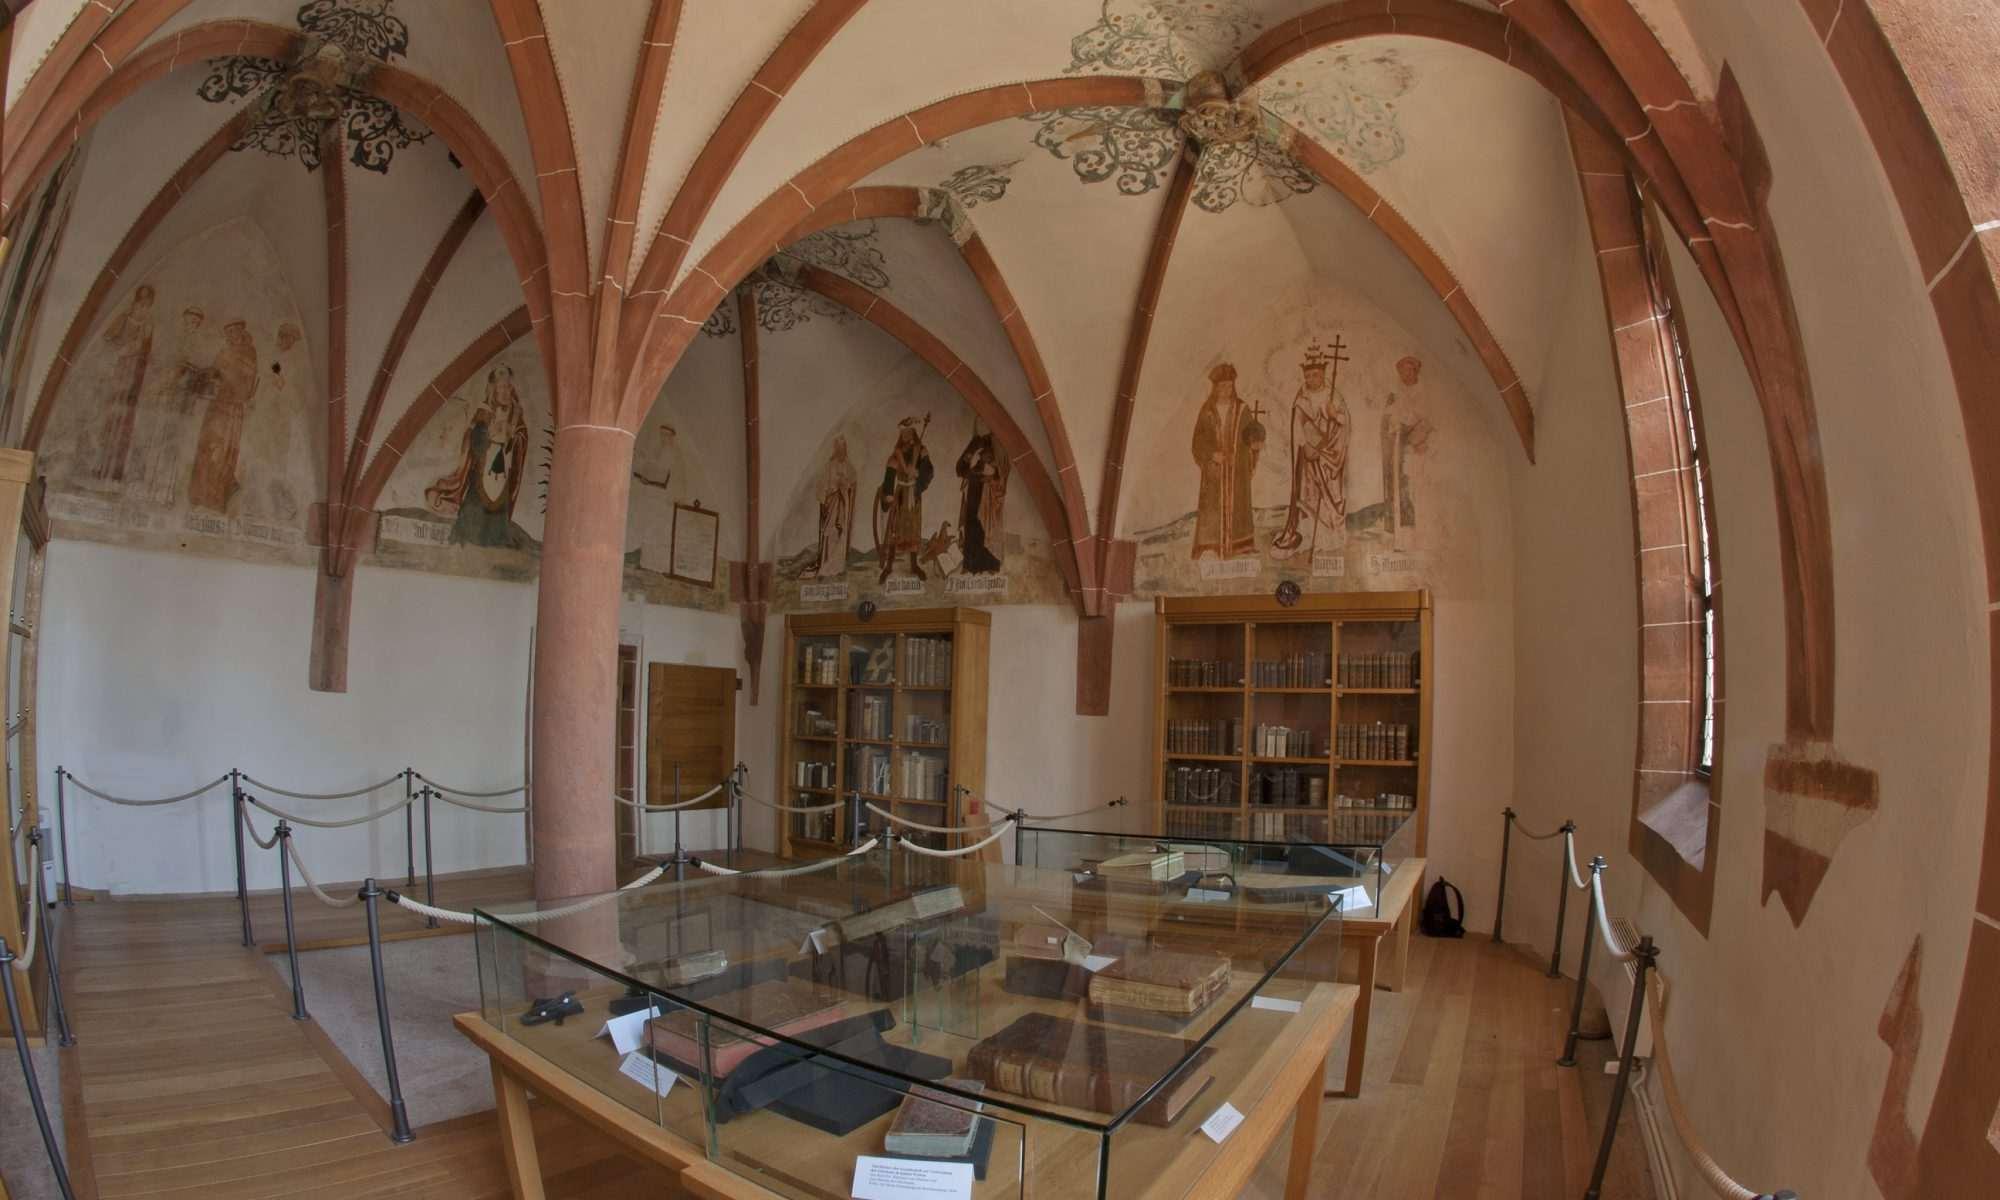 Freundeskreis der alten Klosterbibliothek der Augustiner-Chorherren in Klausen e.V